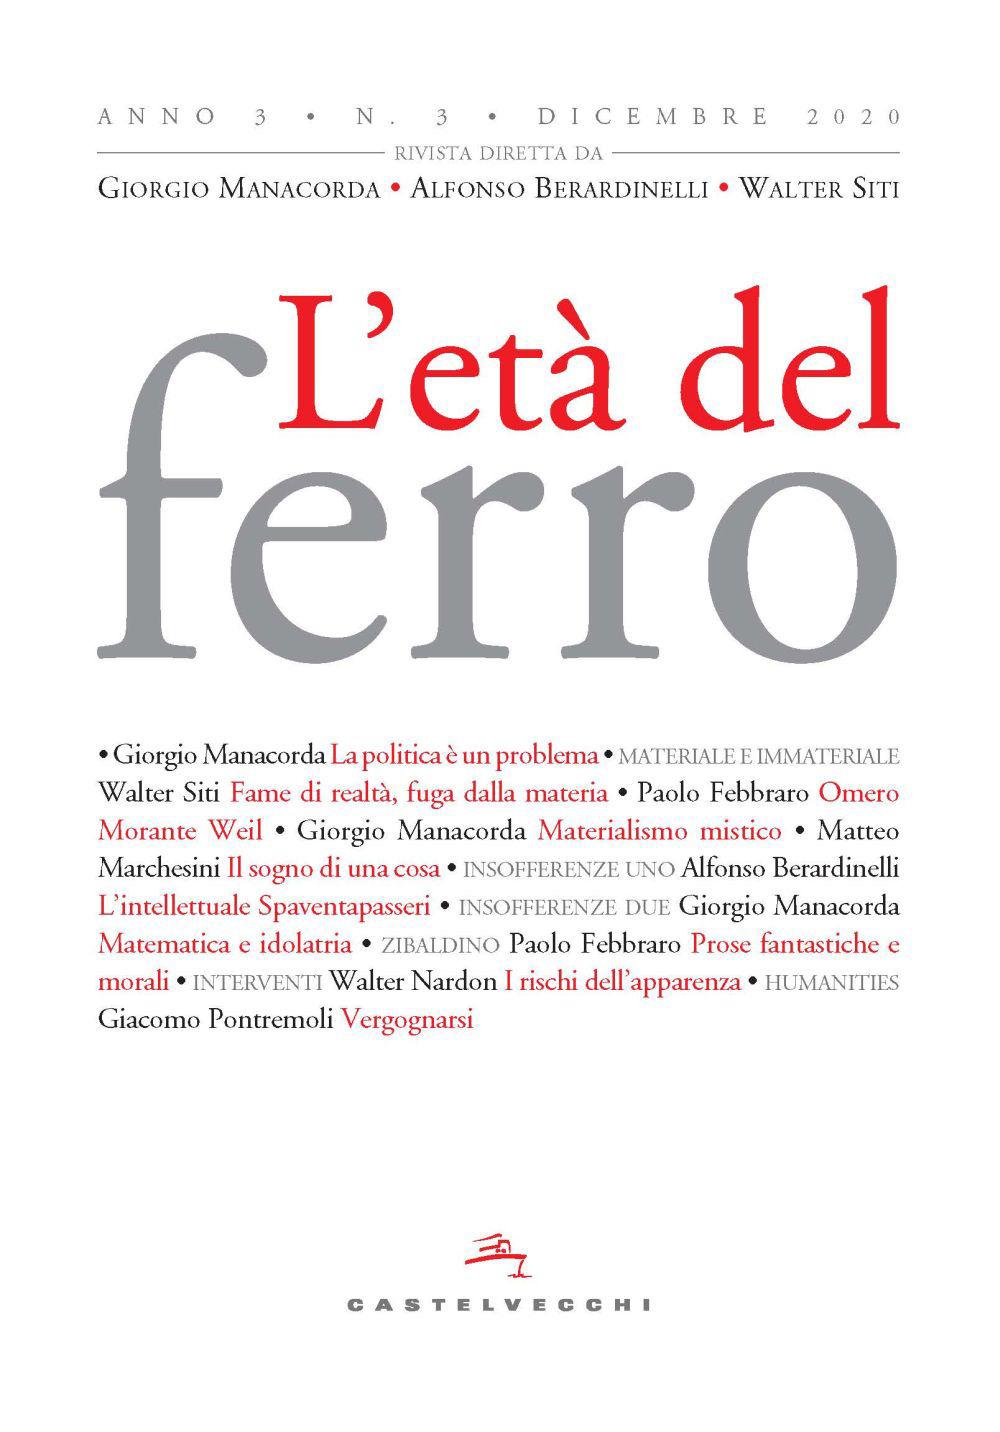 ETA' DEL FERRO ANNO 3 N.3 DICEMBRE 2020 - 9788832903591